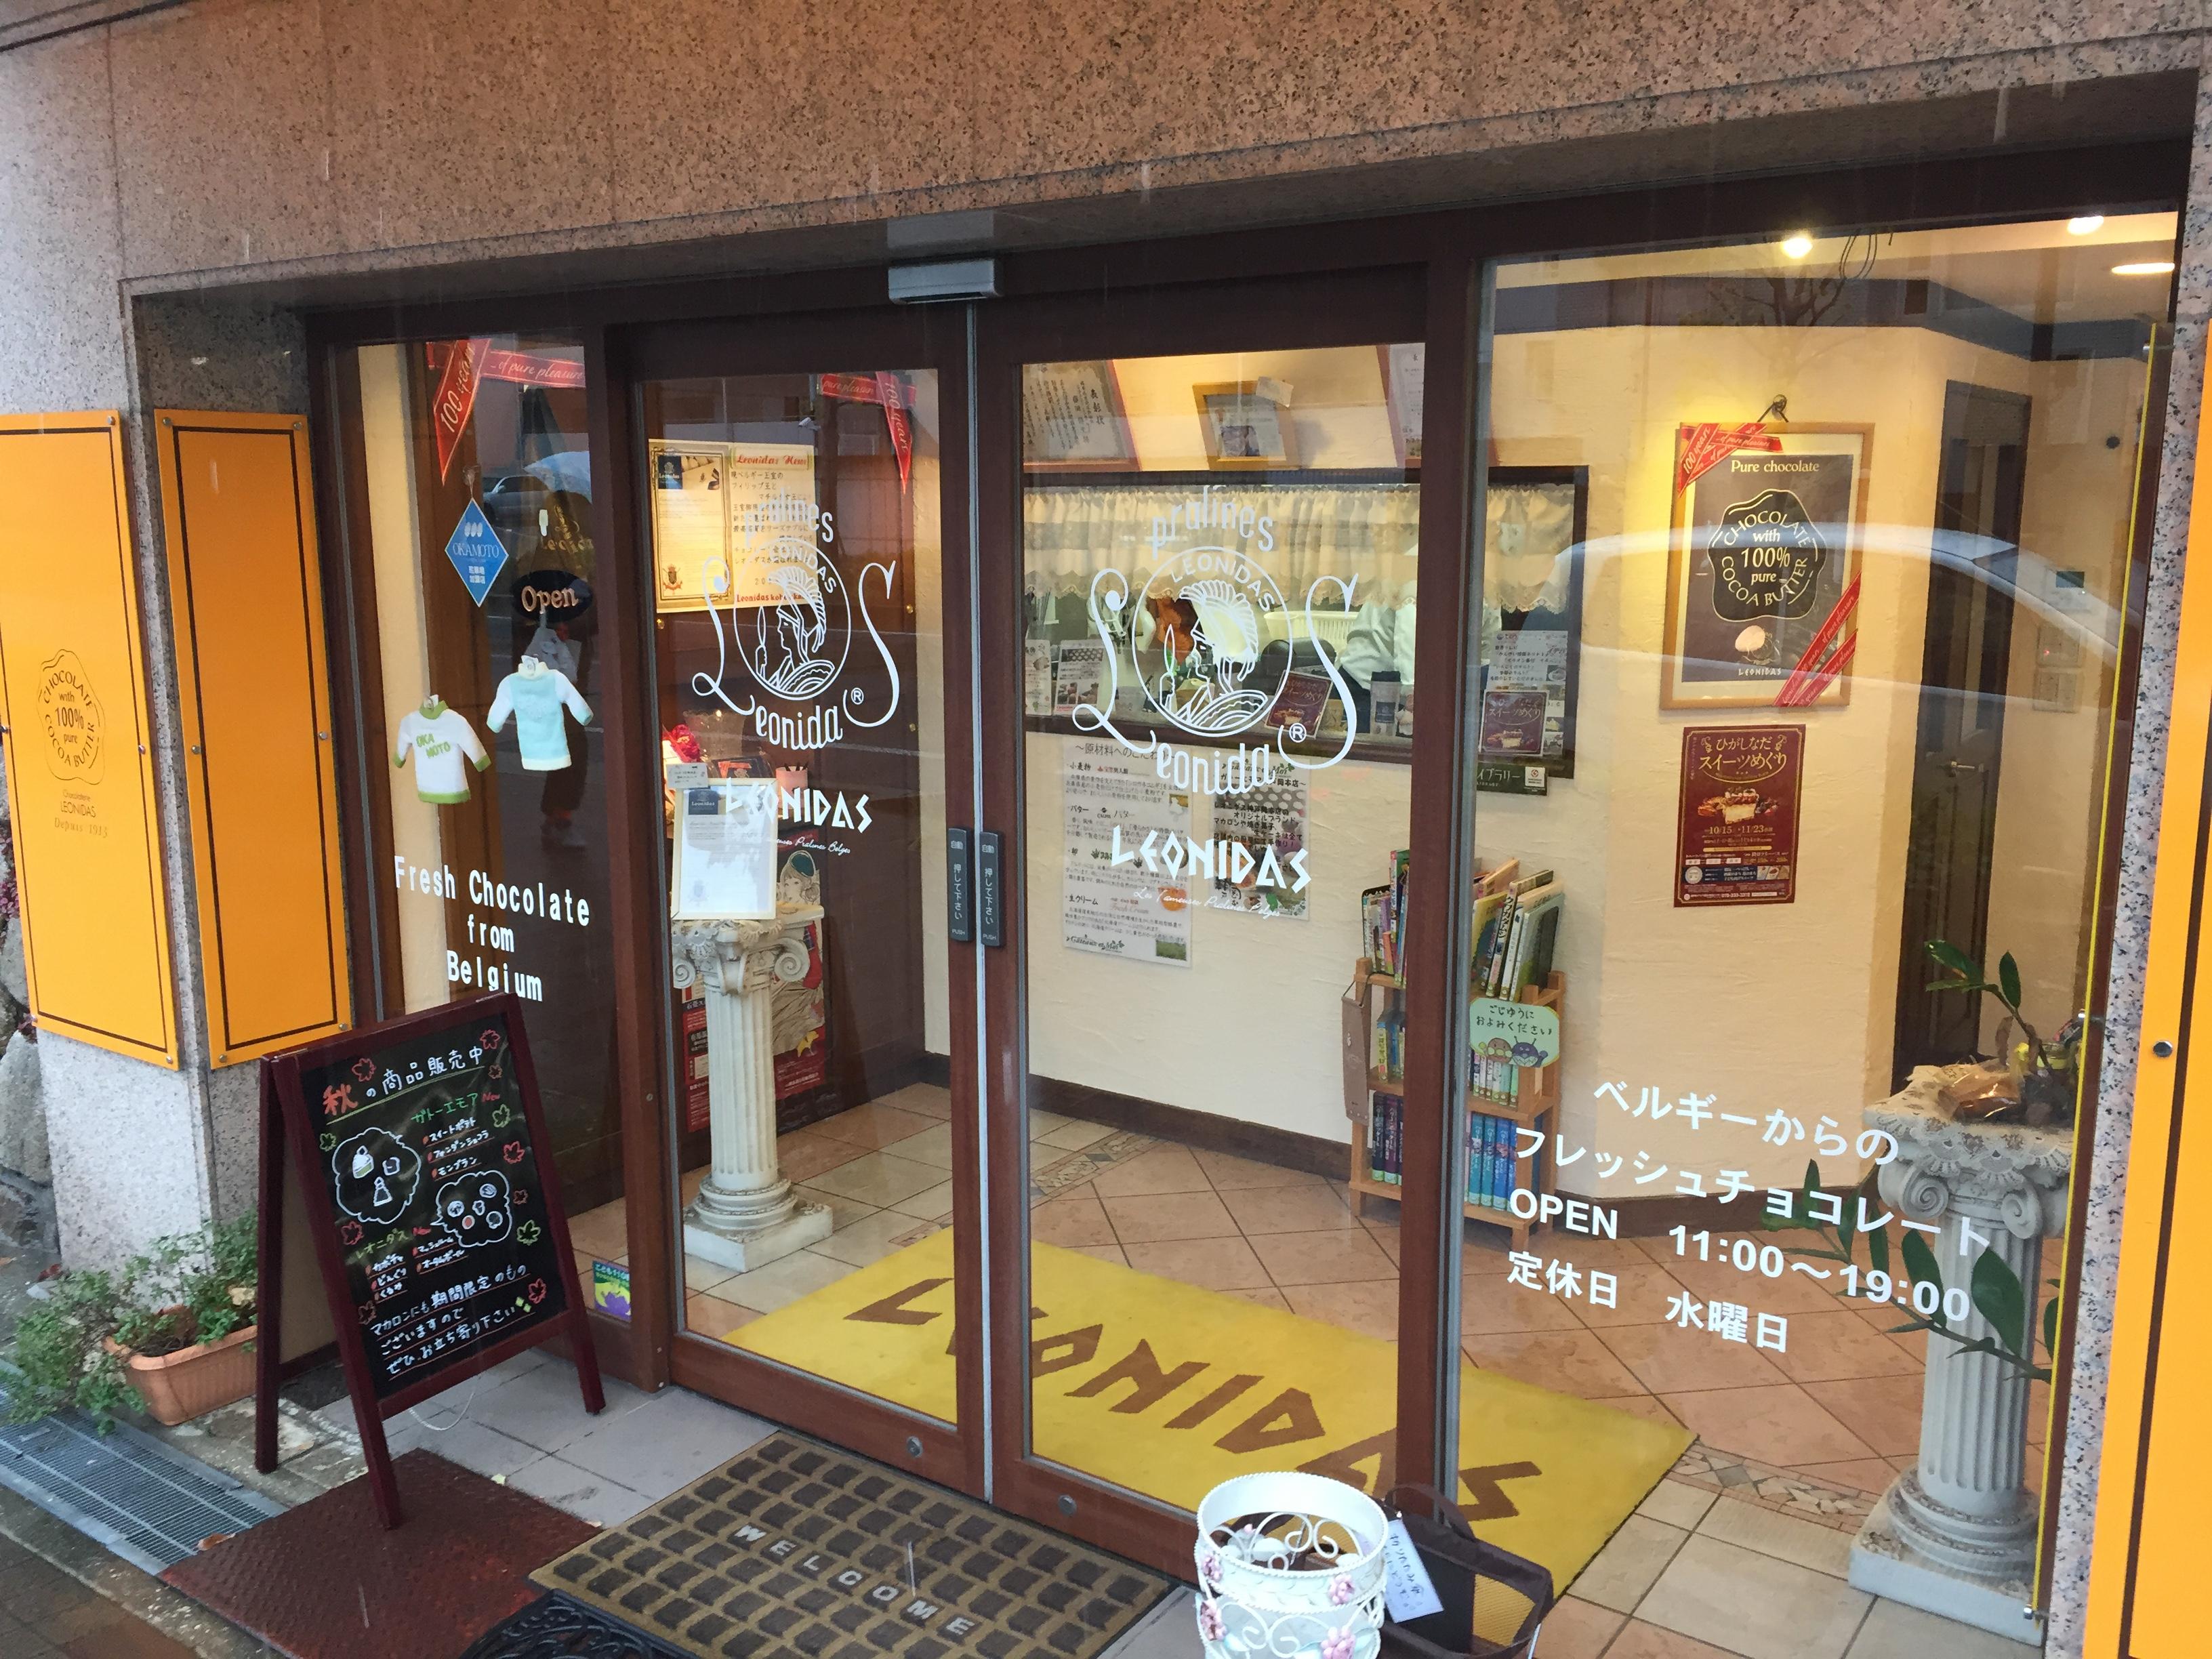 神戸・岡本の「レオニダス(ケーキショップガトーエモア)」はチョコの種類が豊富だよ【ひがしなだスイーツめぐり対象】